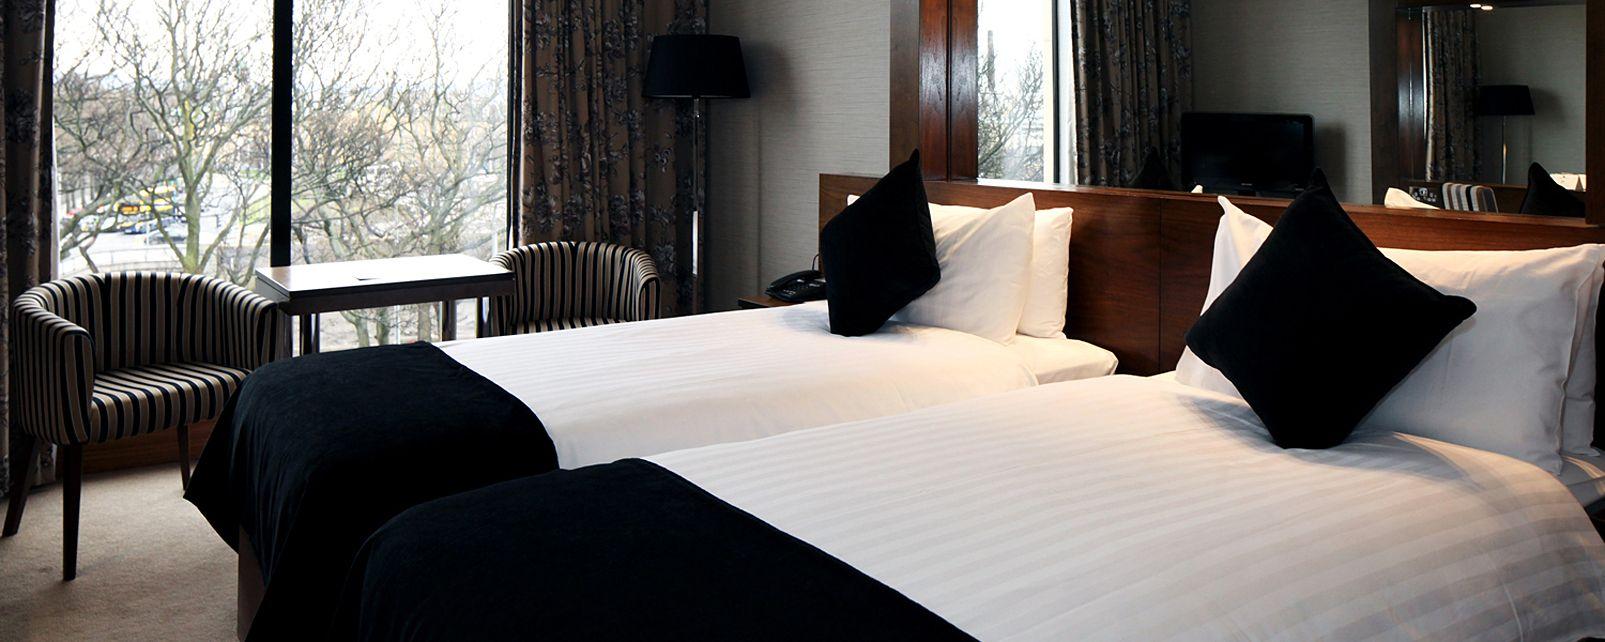 Hotel Ashling Hotel